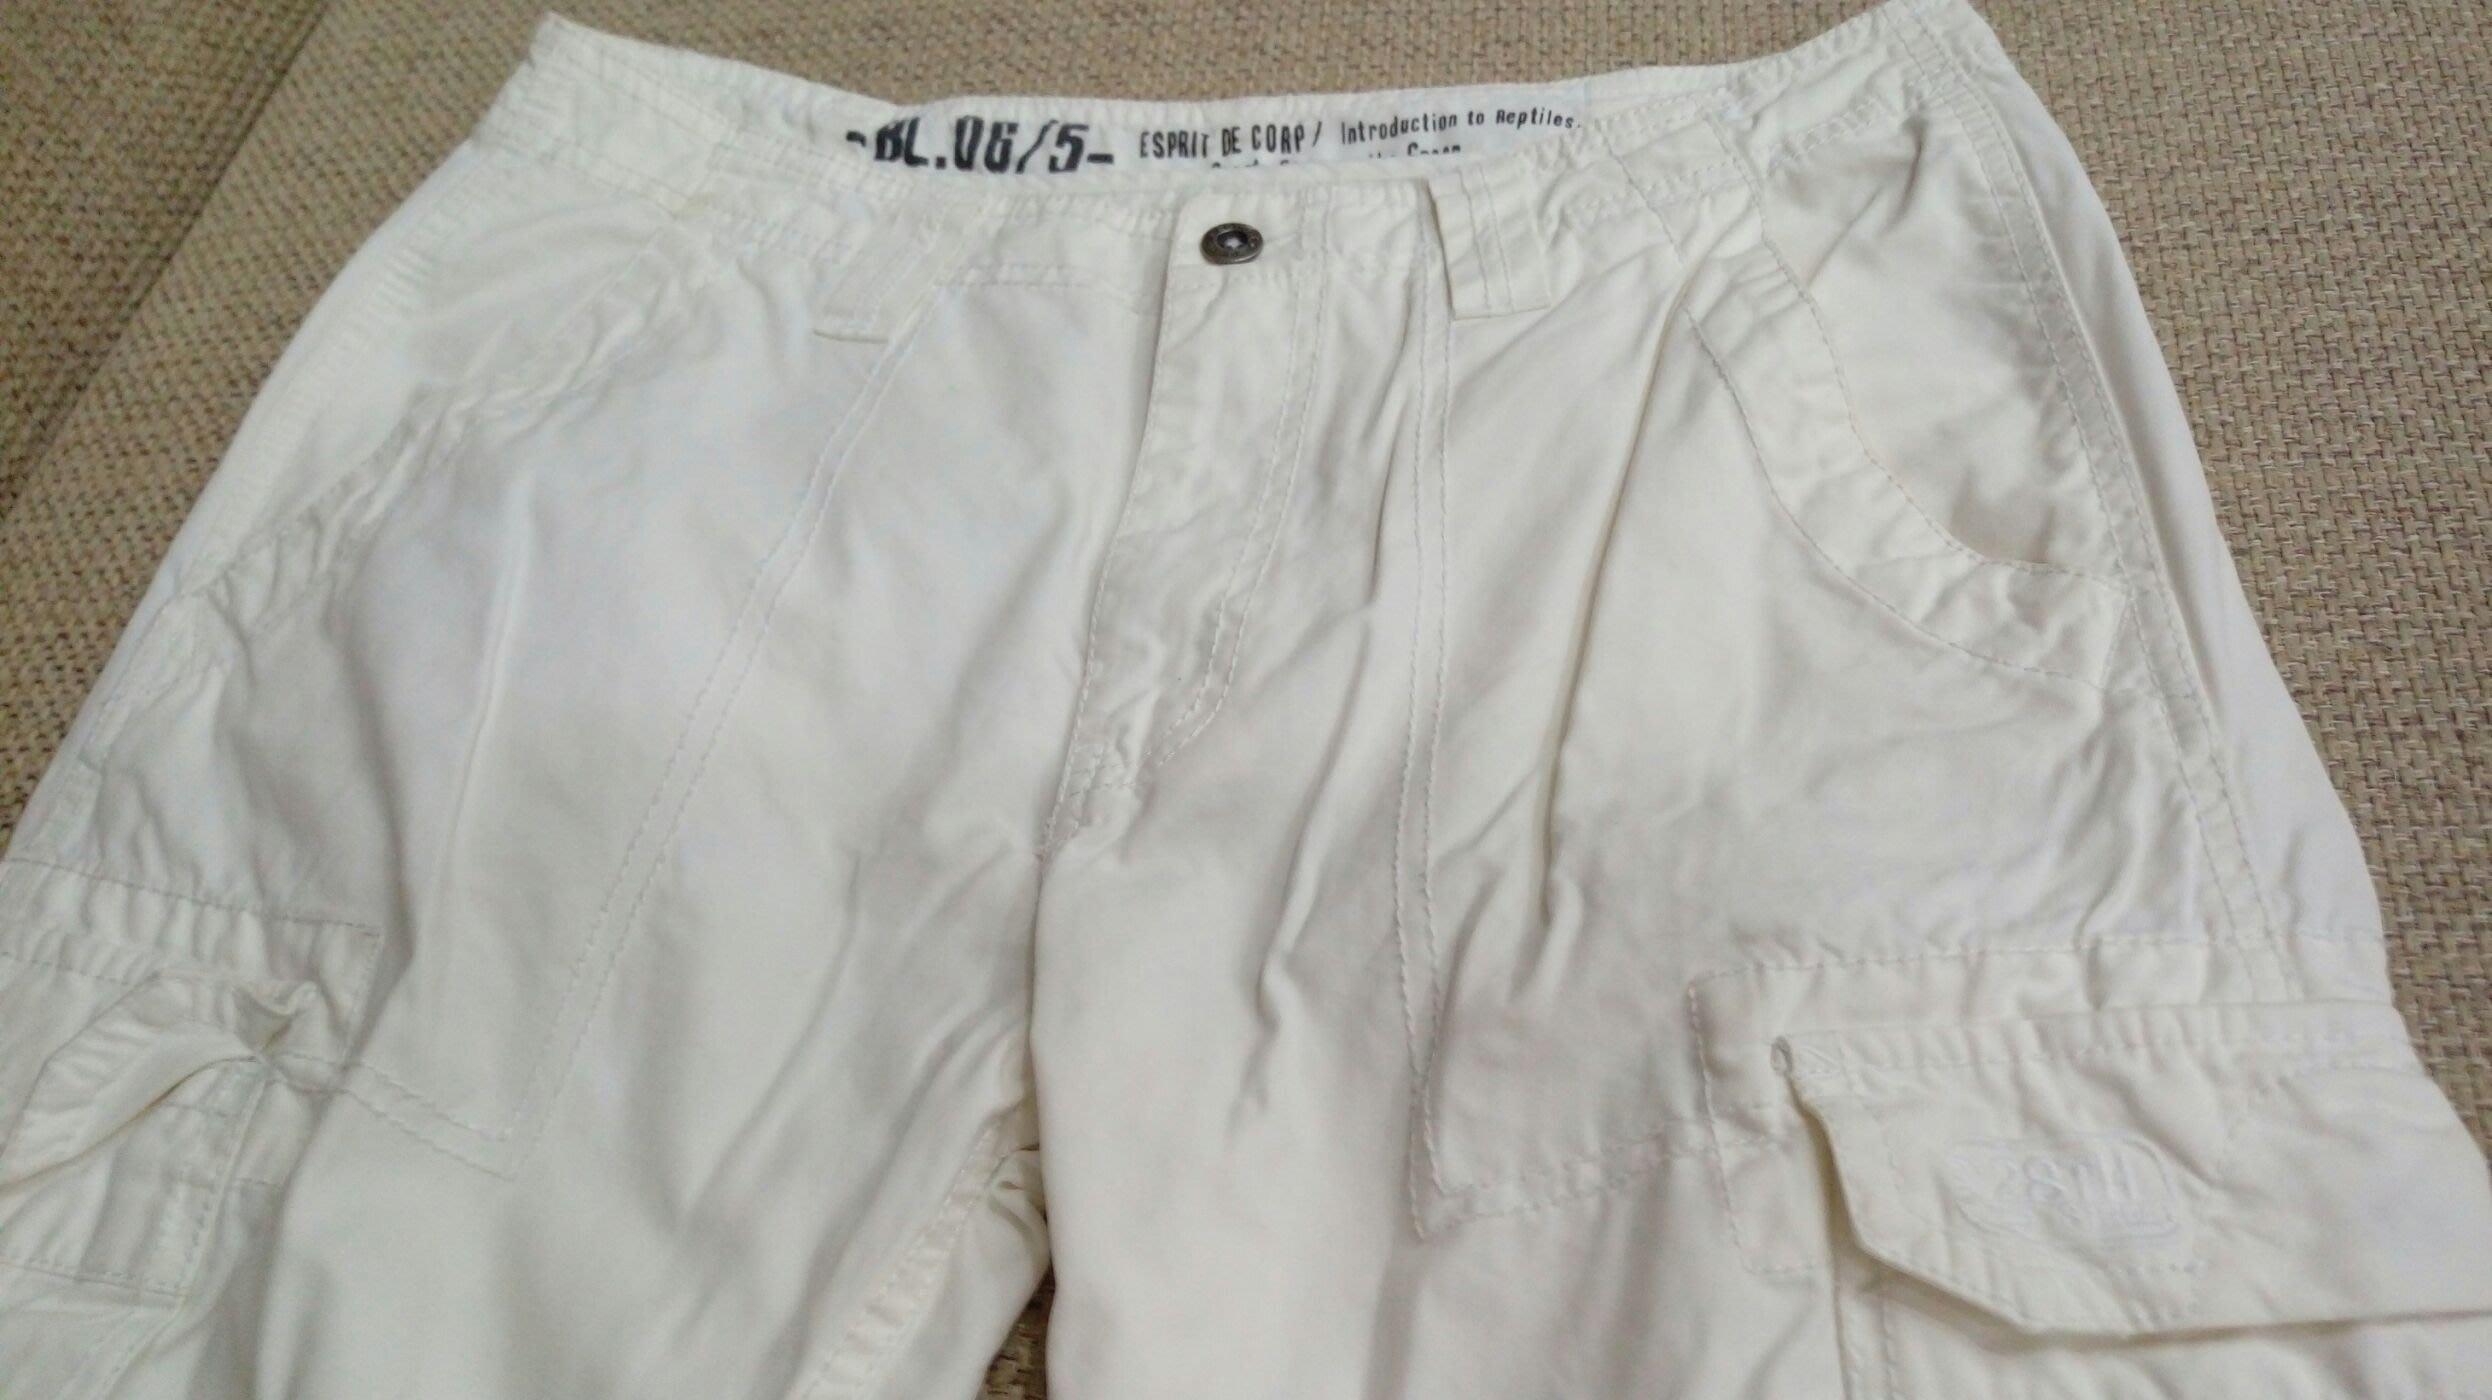 香港Espirit 白色米白色 多口袋休閒長褲 工作長褲 33 34 A&F AE UA 可參考